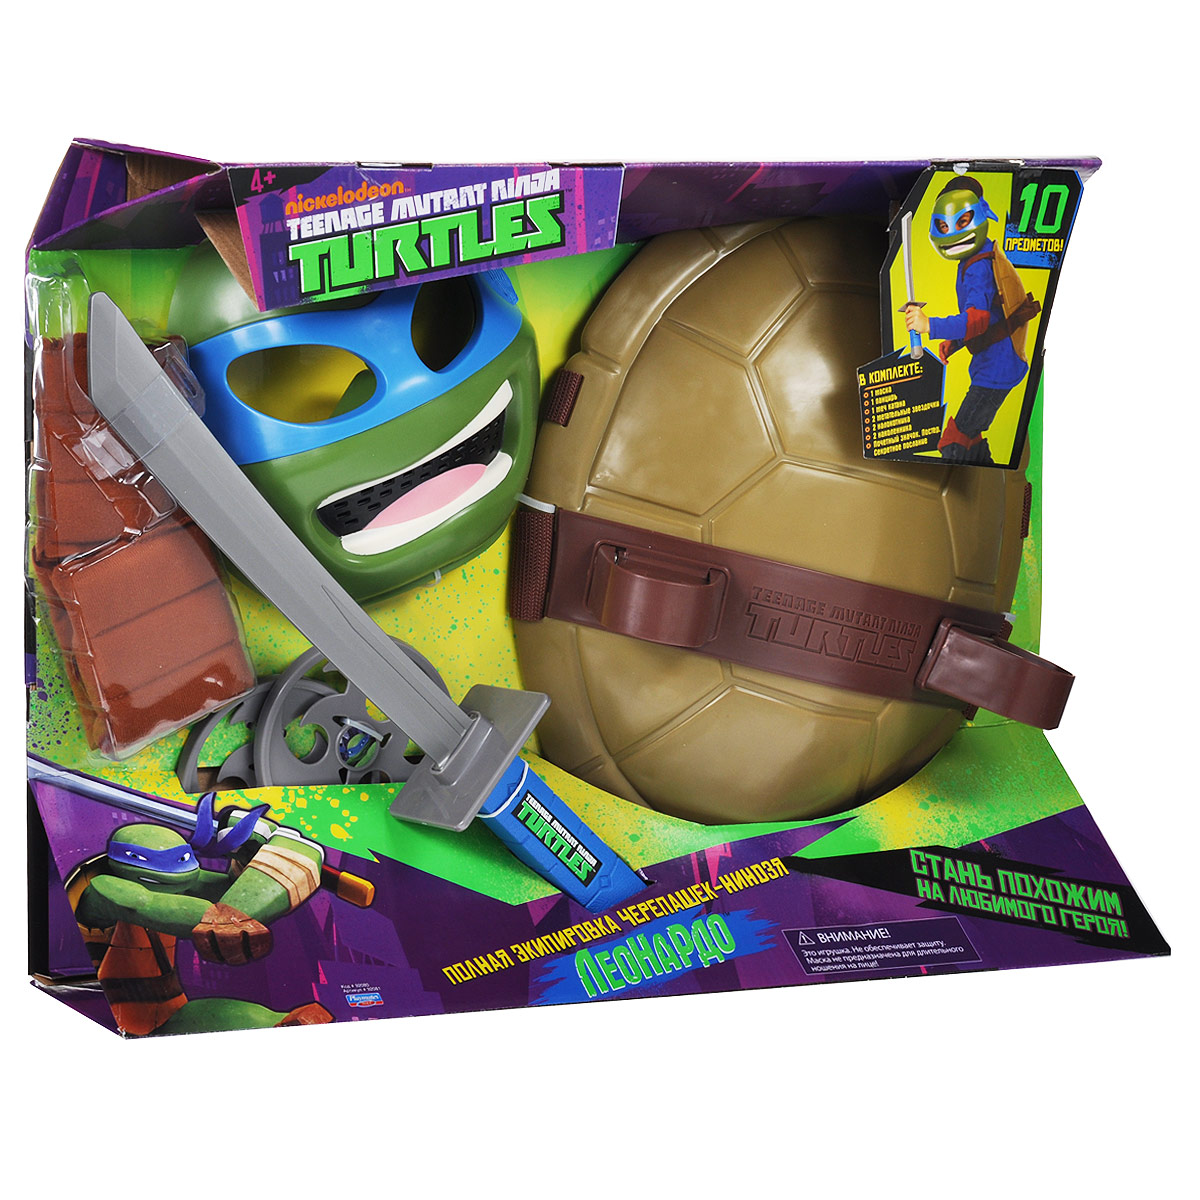 Игровой набор Turtles Боевое снаряжение Черепашки-Ниндзя: Леонардо, 12 предметов игровые наборы turtles мотодельтаплан черепашки ниндзя без фигурки